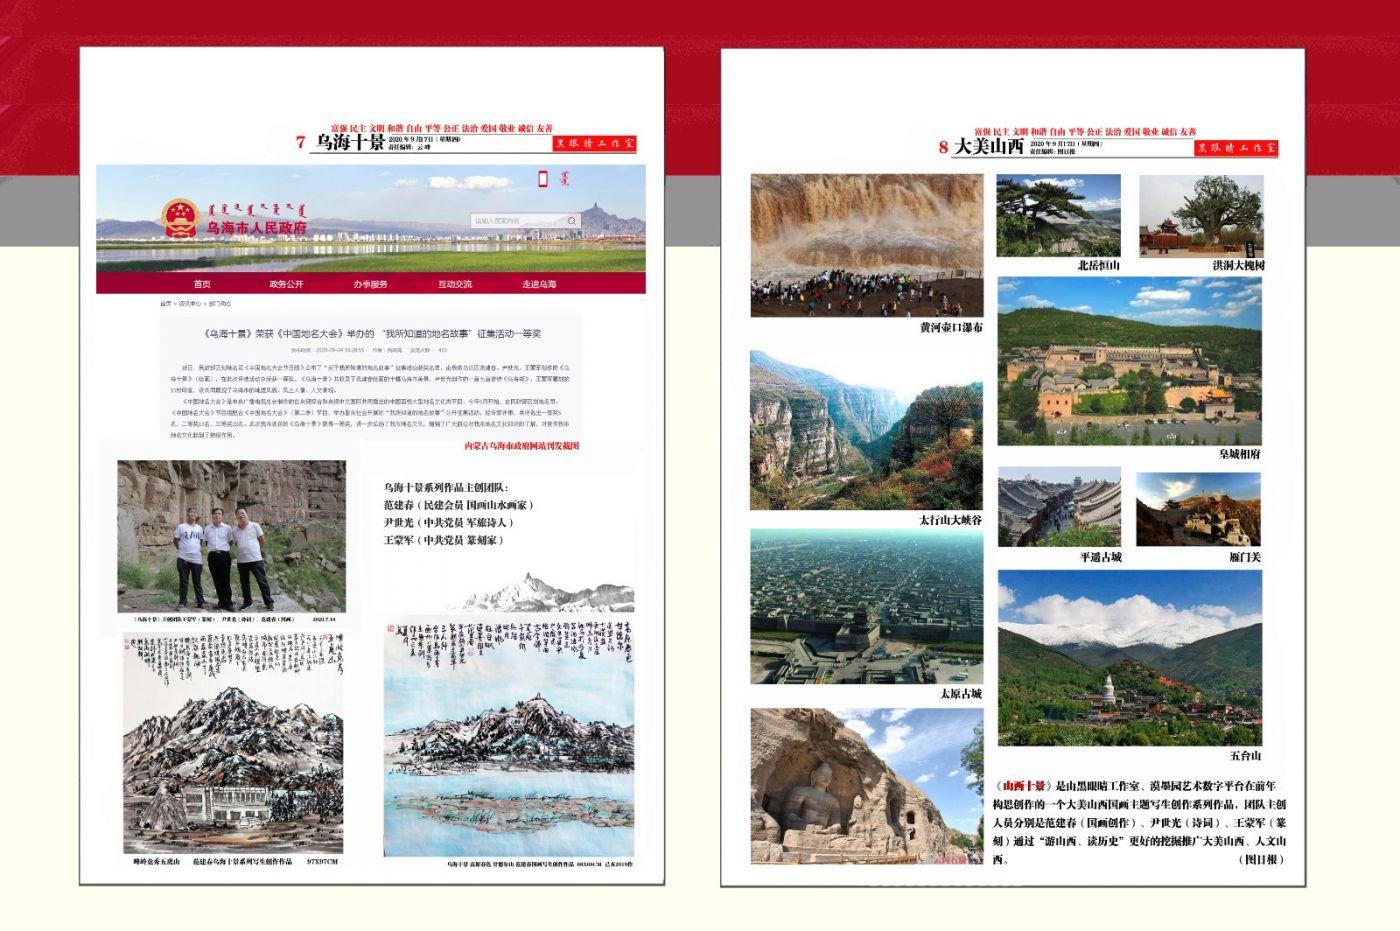 漠墨园艺术数字平台   总第六期_图1-4